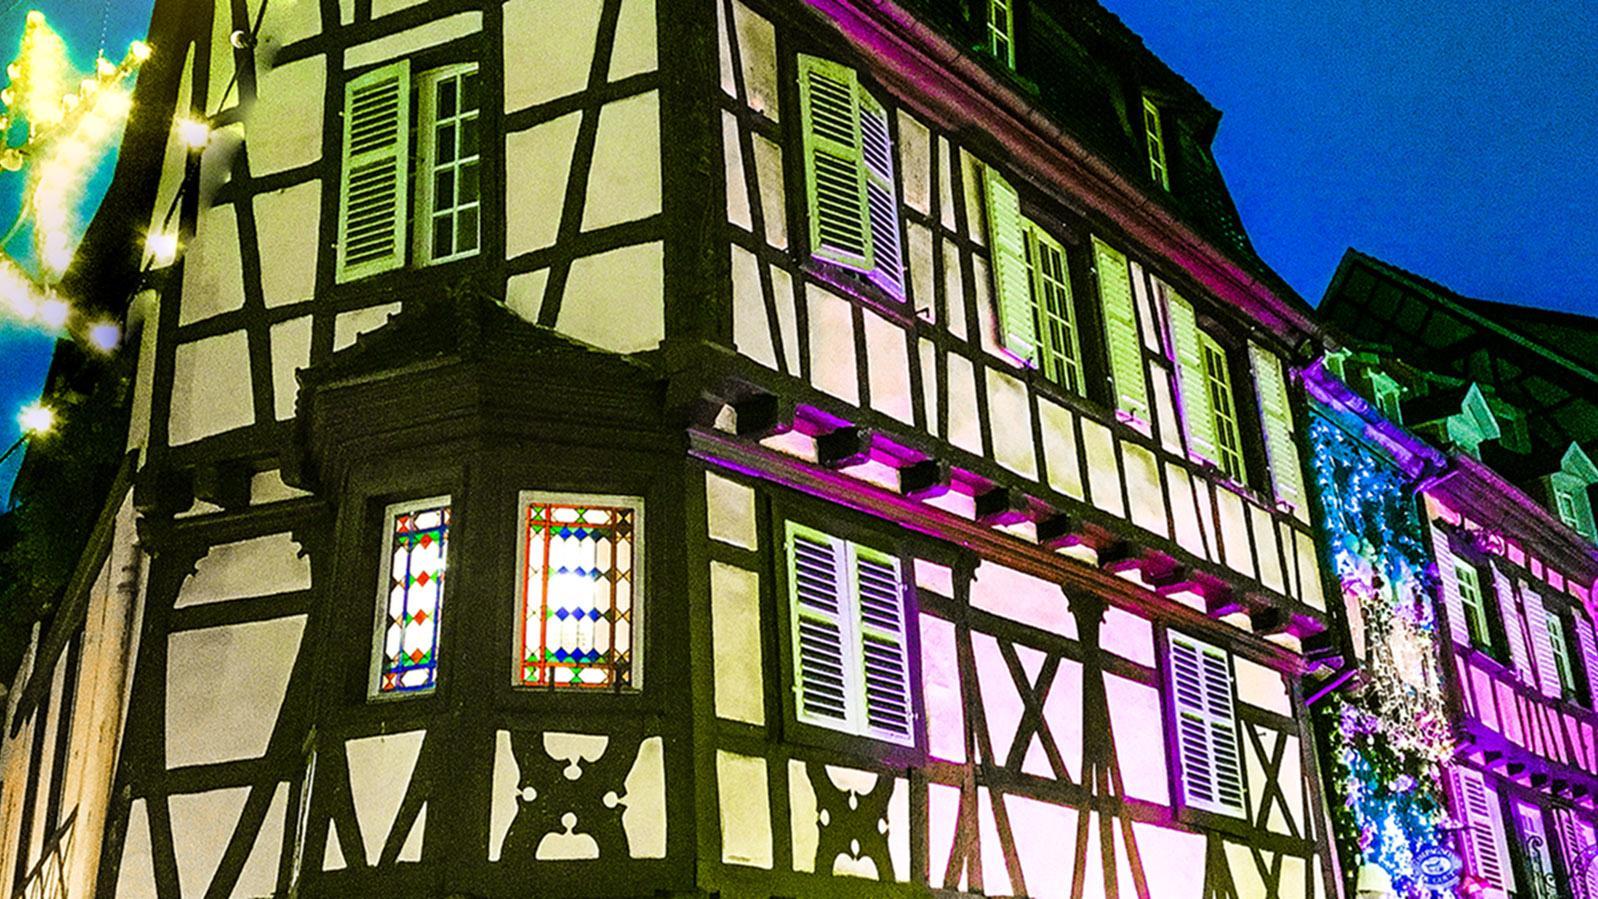 Colmar zu Weihnachten:Fachwerk und farbiges Licht sorgen für eine urgemütliche Stimmung. Foto: Hilke Maunder